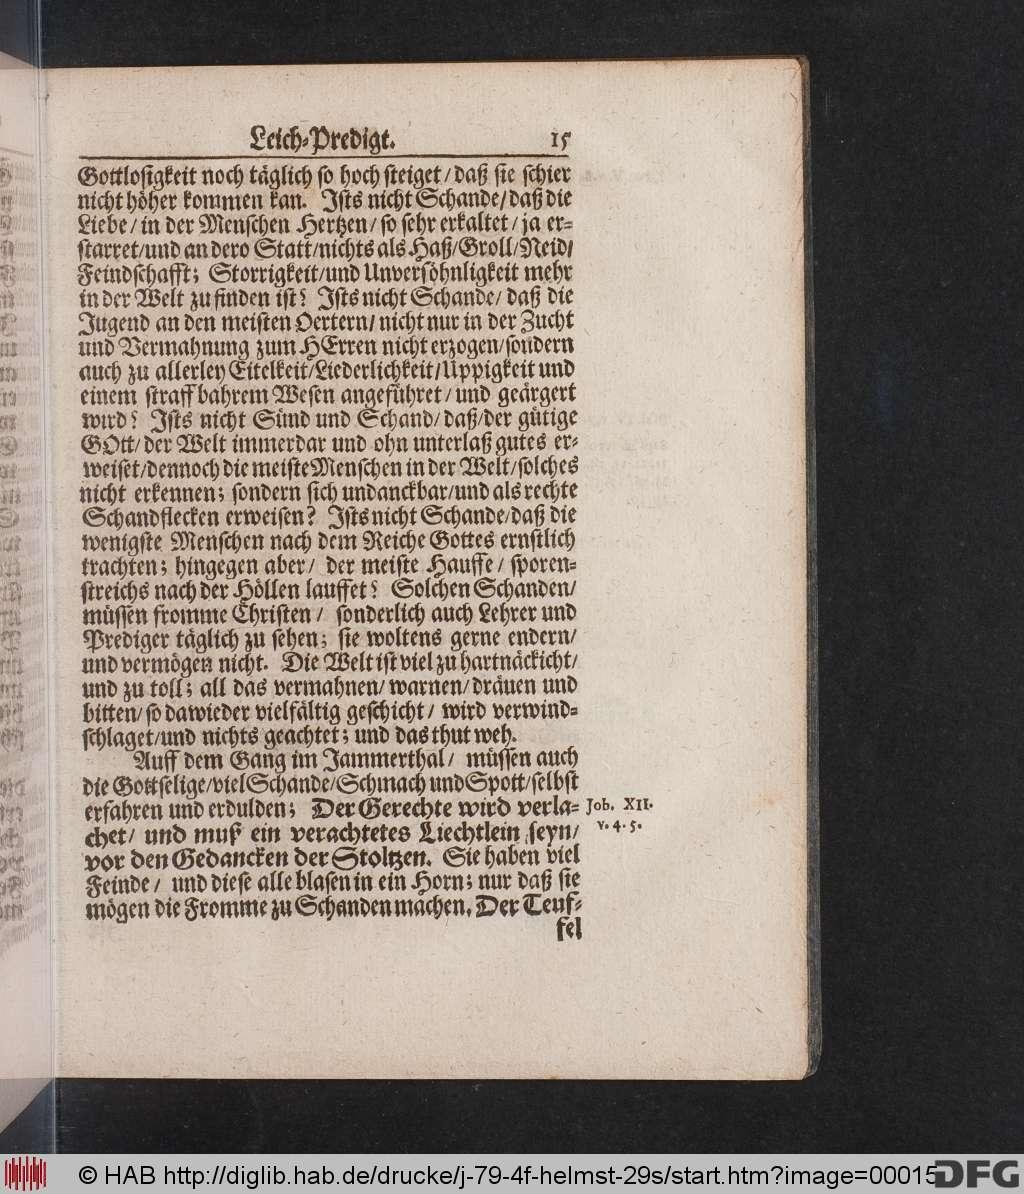 http://diglib.hab.de/drucke/j-79-4f-helmst-29s/00015.jpg